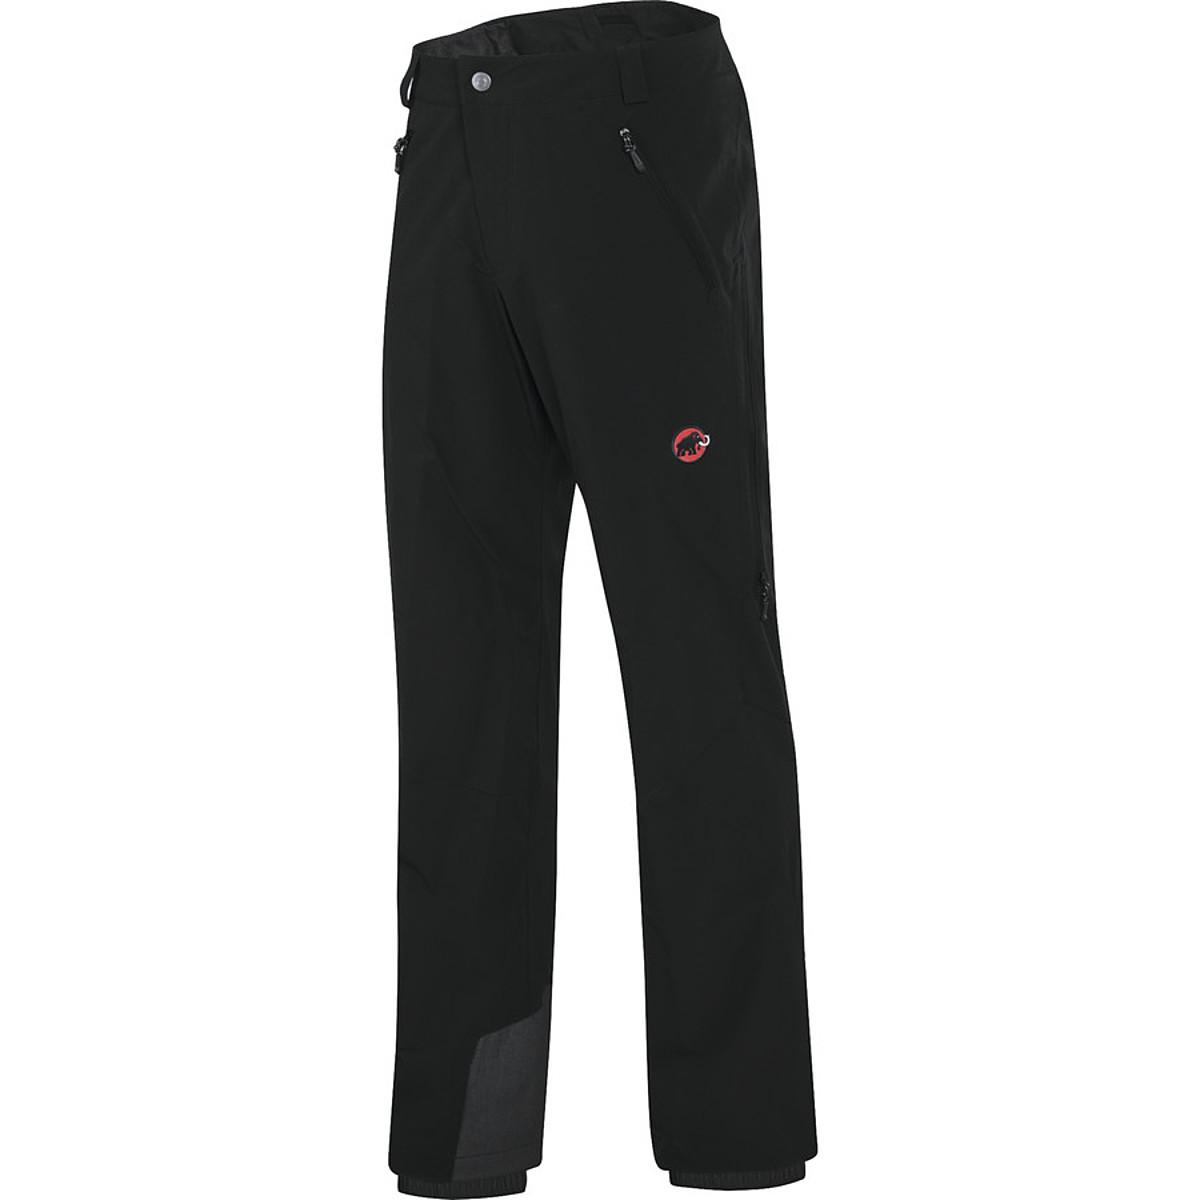 Mammut Trion Pants